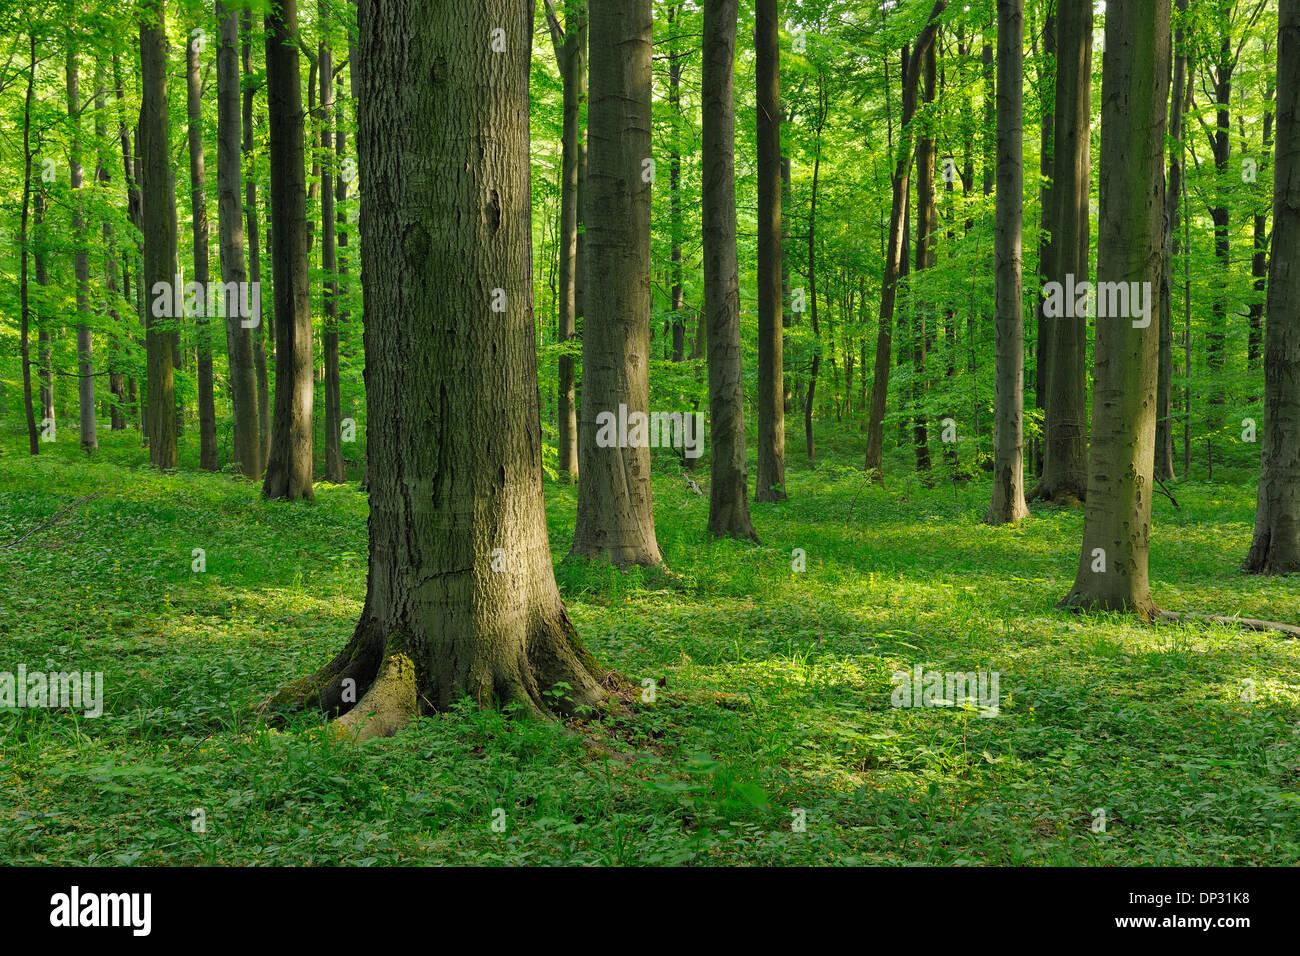 Hêtre européen (Fagus sylvatica) Forest in Spring, Parc national du Hainich, Thuringe, Allemagne Banque D'Images